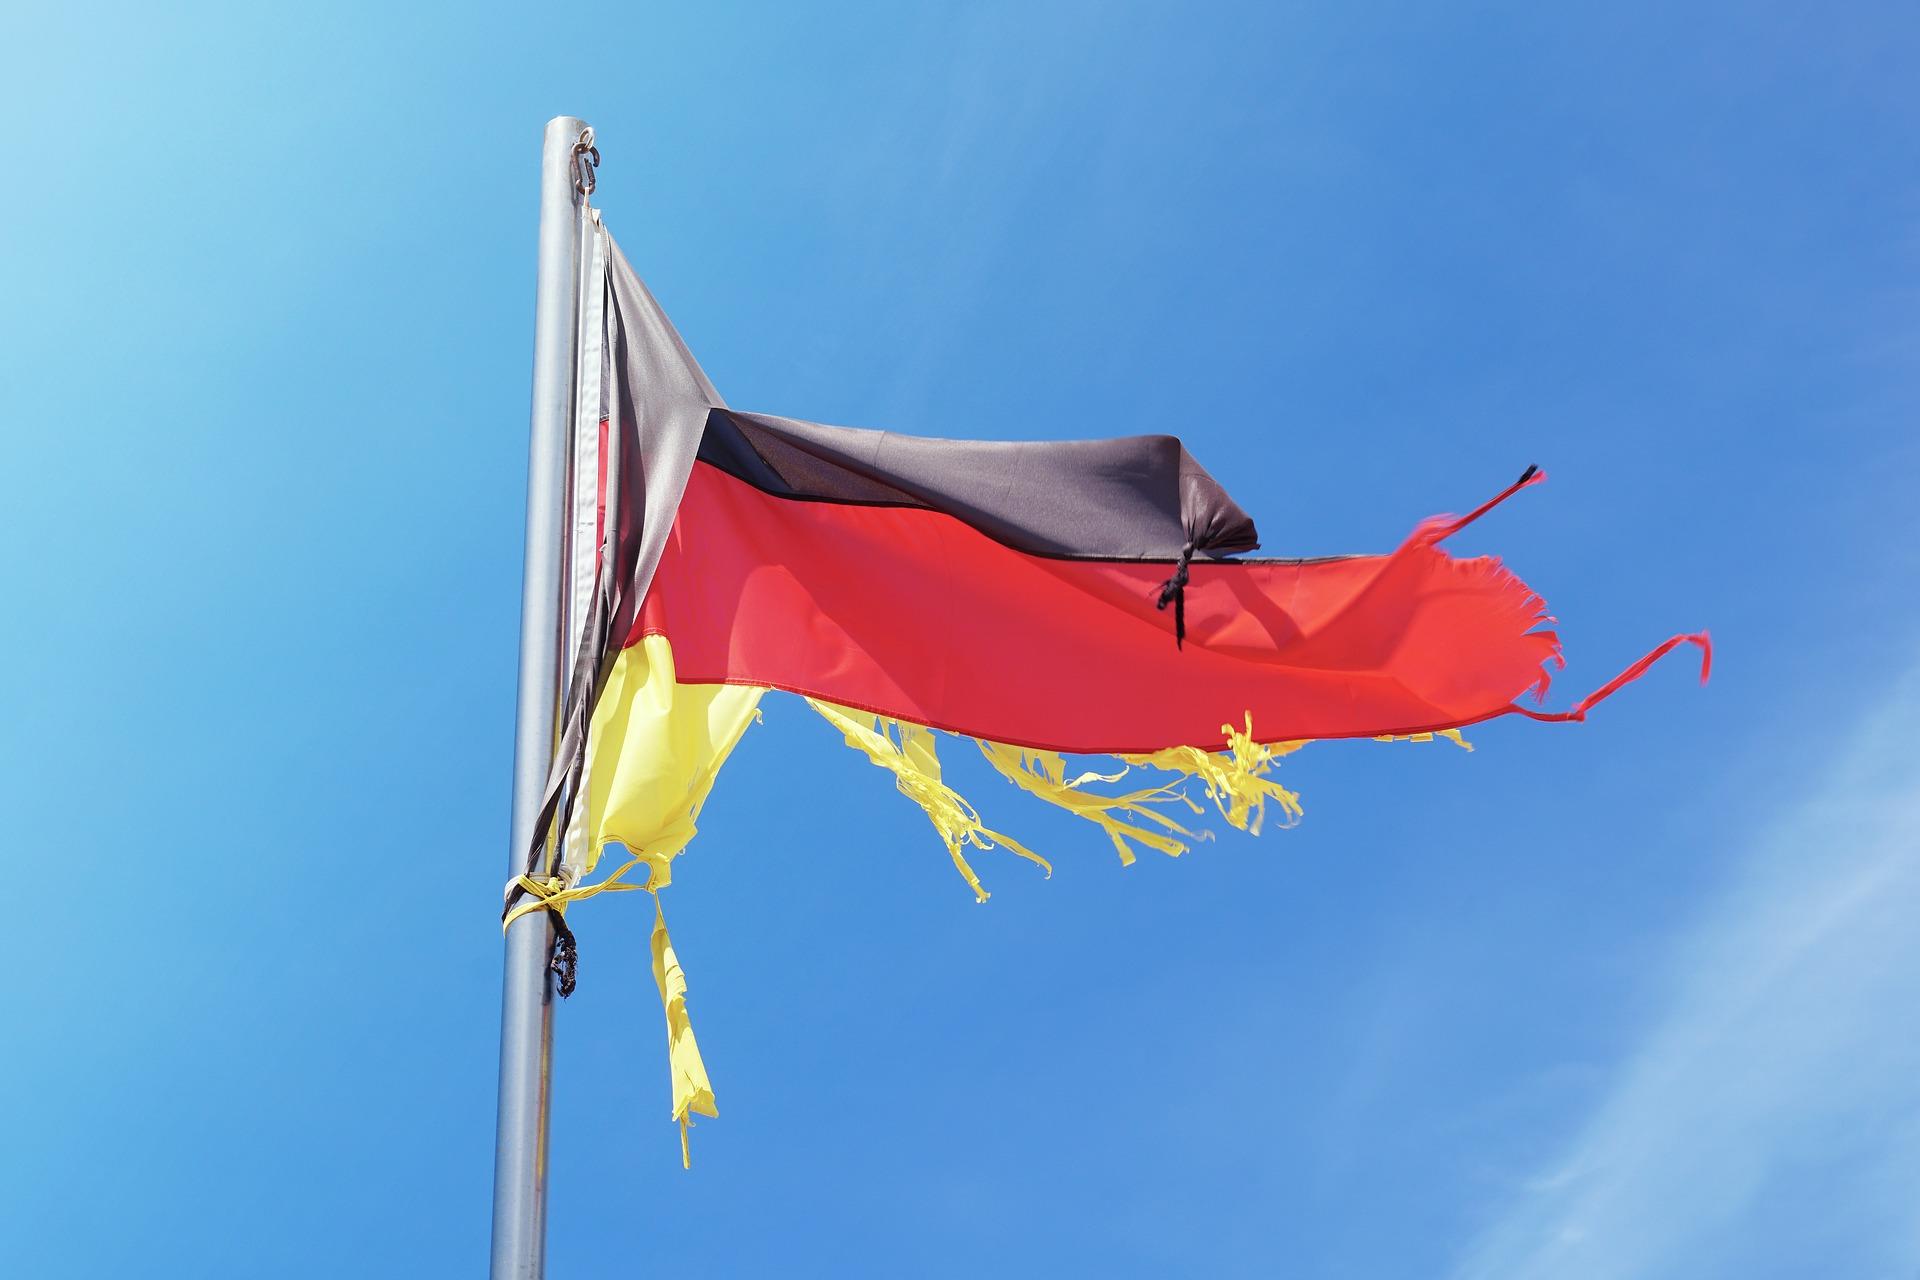 Deutsches Fernsehen: Mitarbeiter bei Mobbing zum Schweigen gebracht?